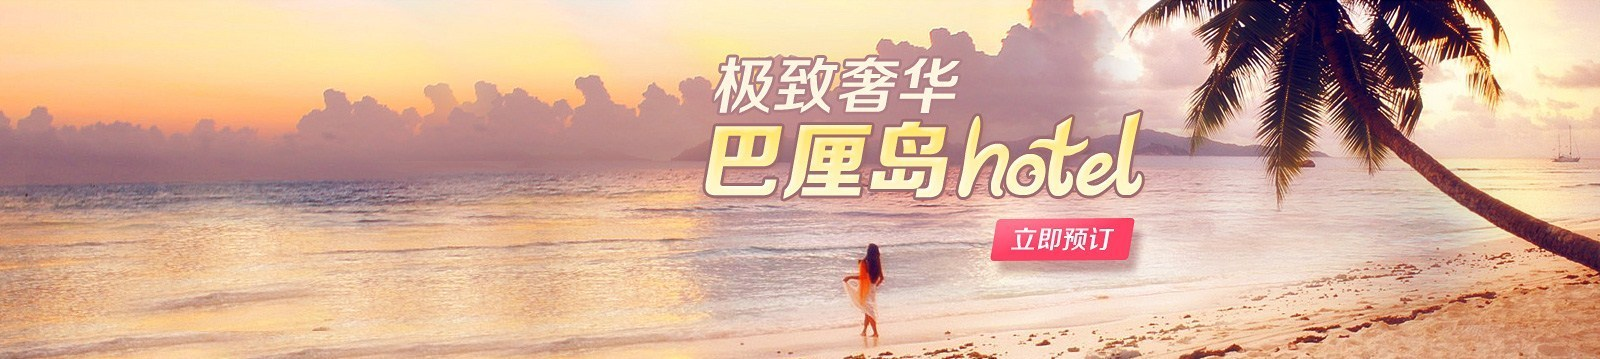 酒店幻灯片广告1